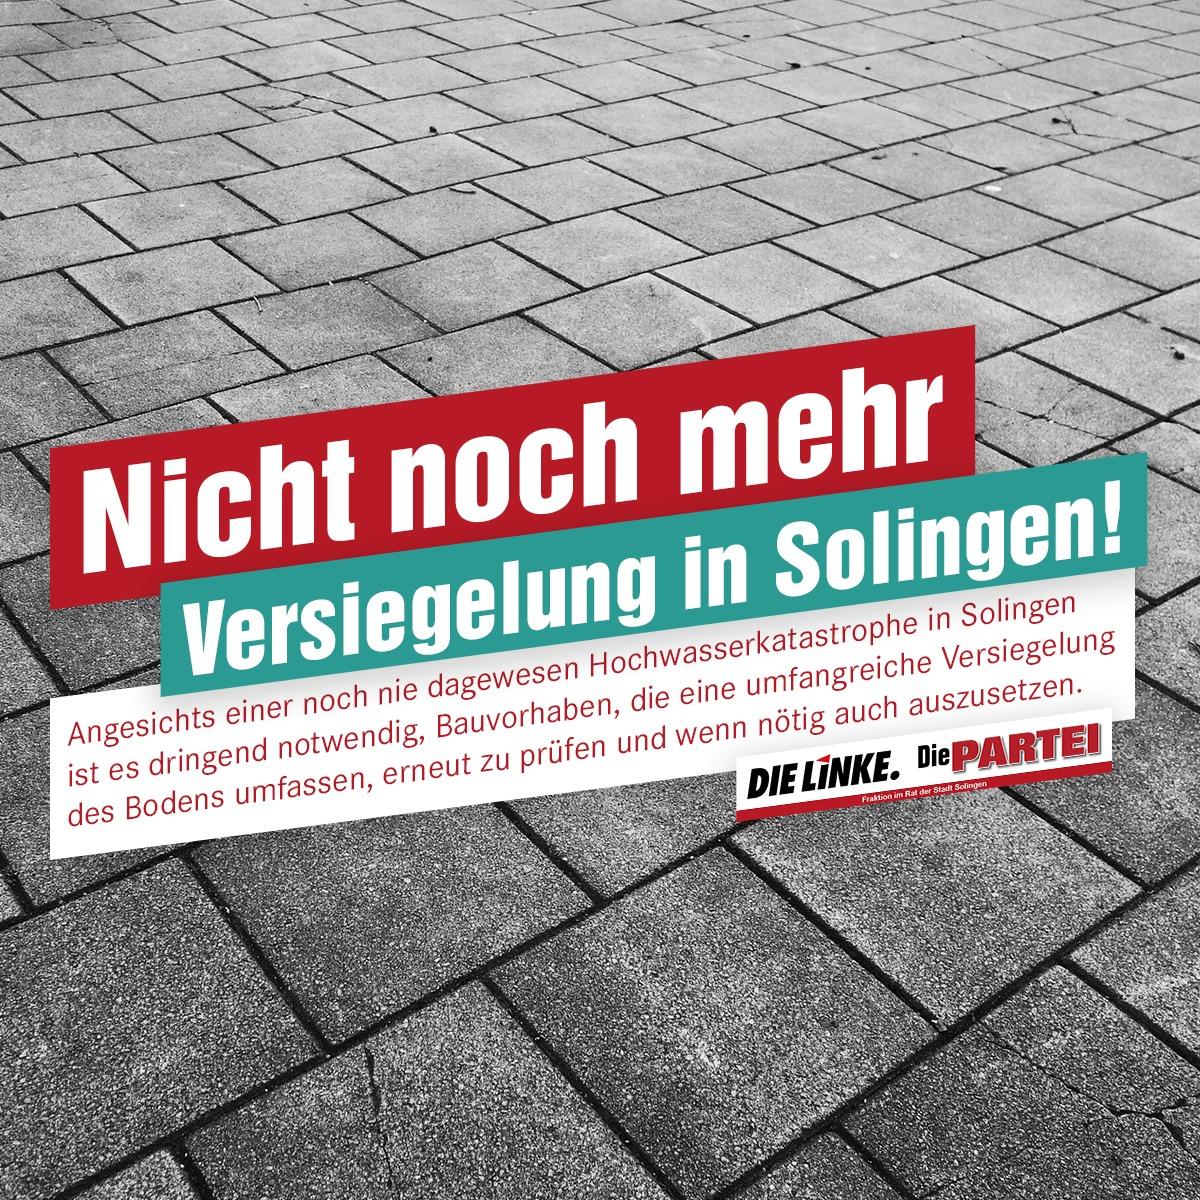 Nicht noch mehr Versiegelung in Solingen!